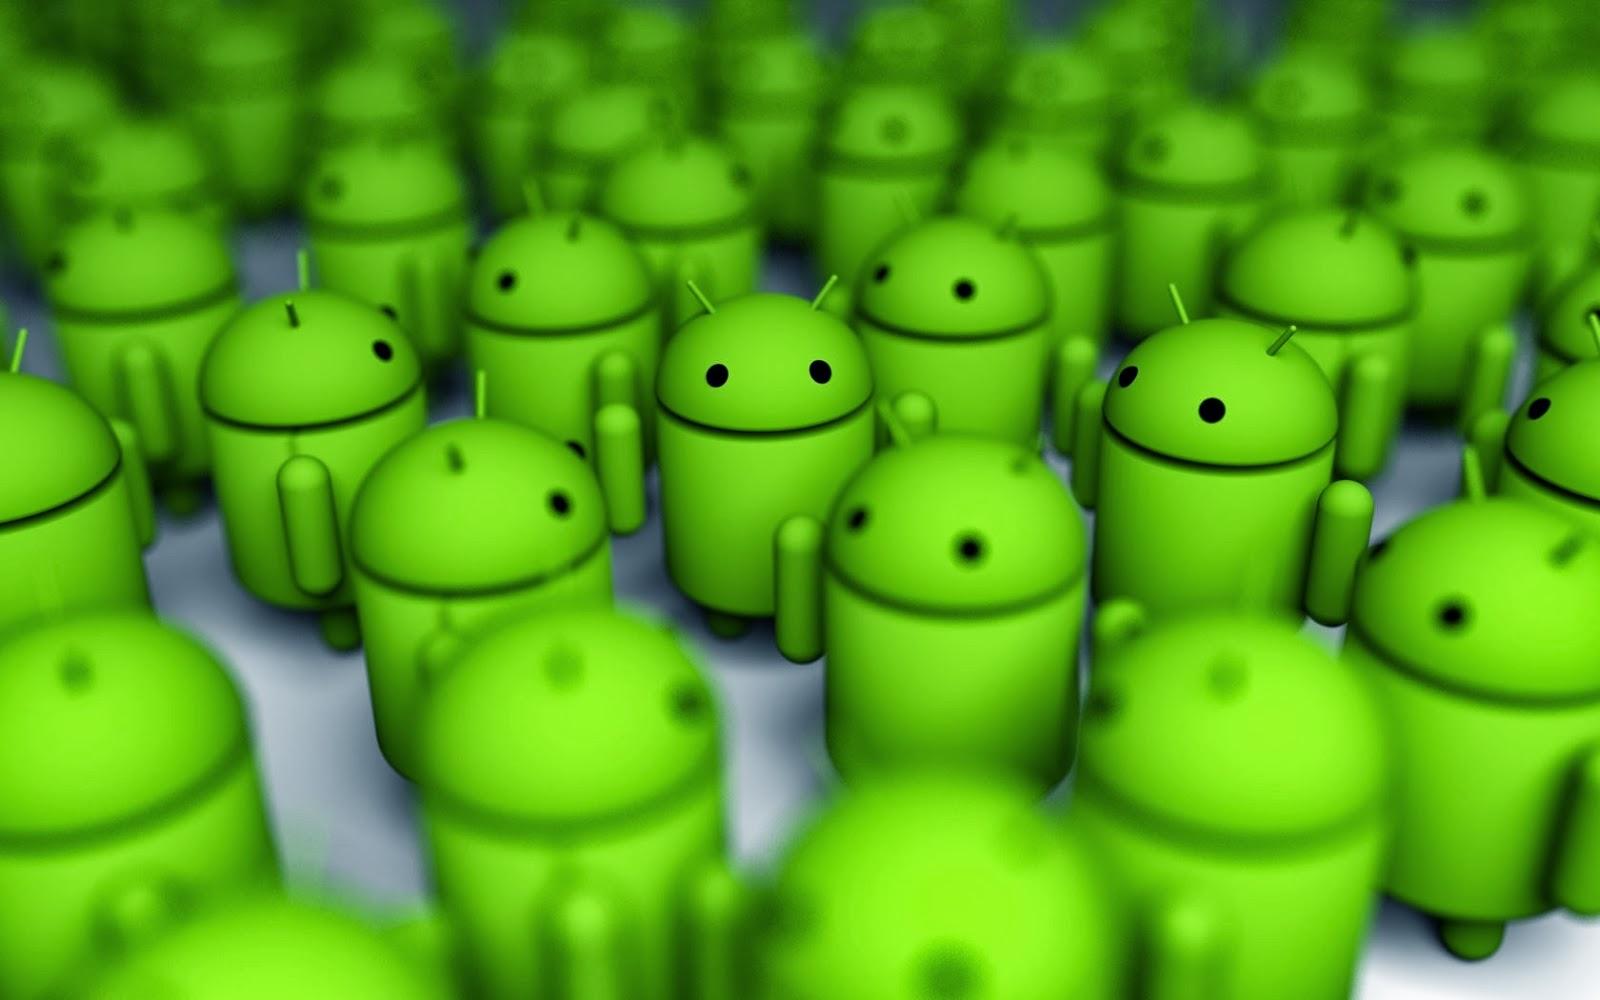 Android 3d fondo 3d de androides fondos de pantalla hd for 3d kuchenplaner android